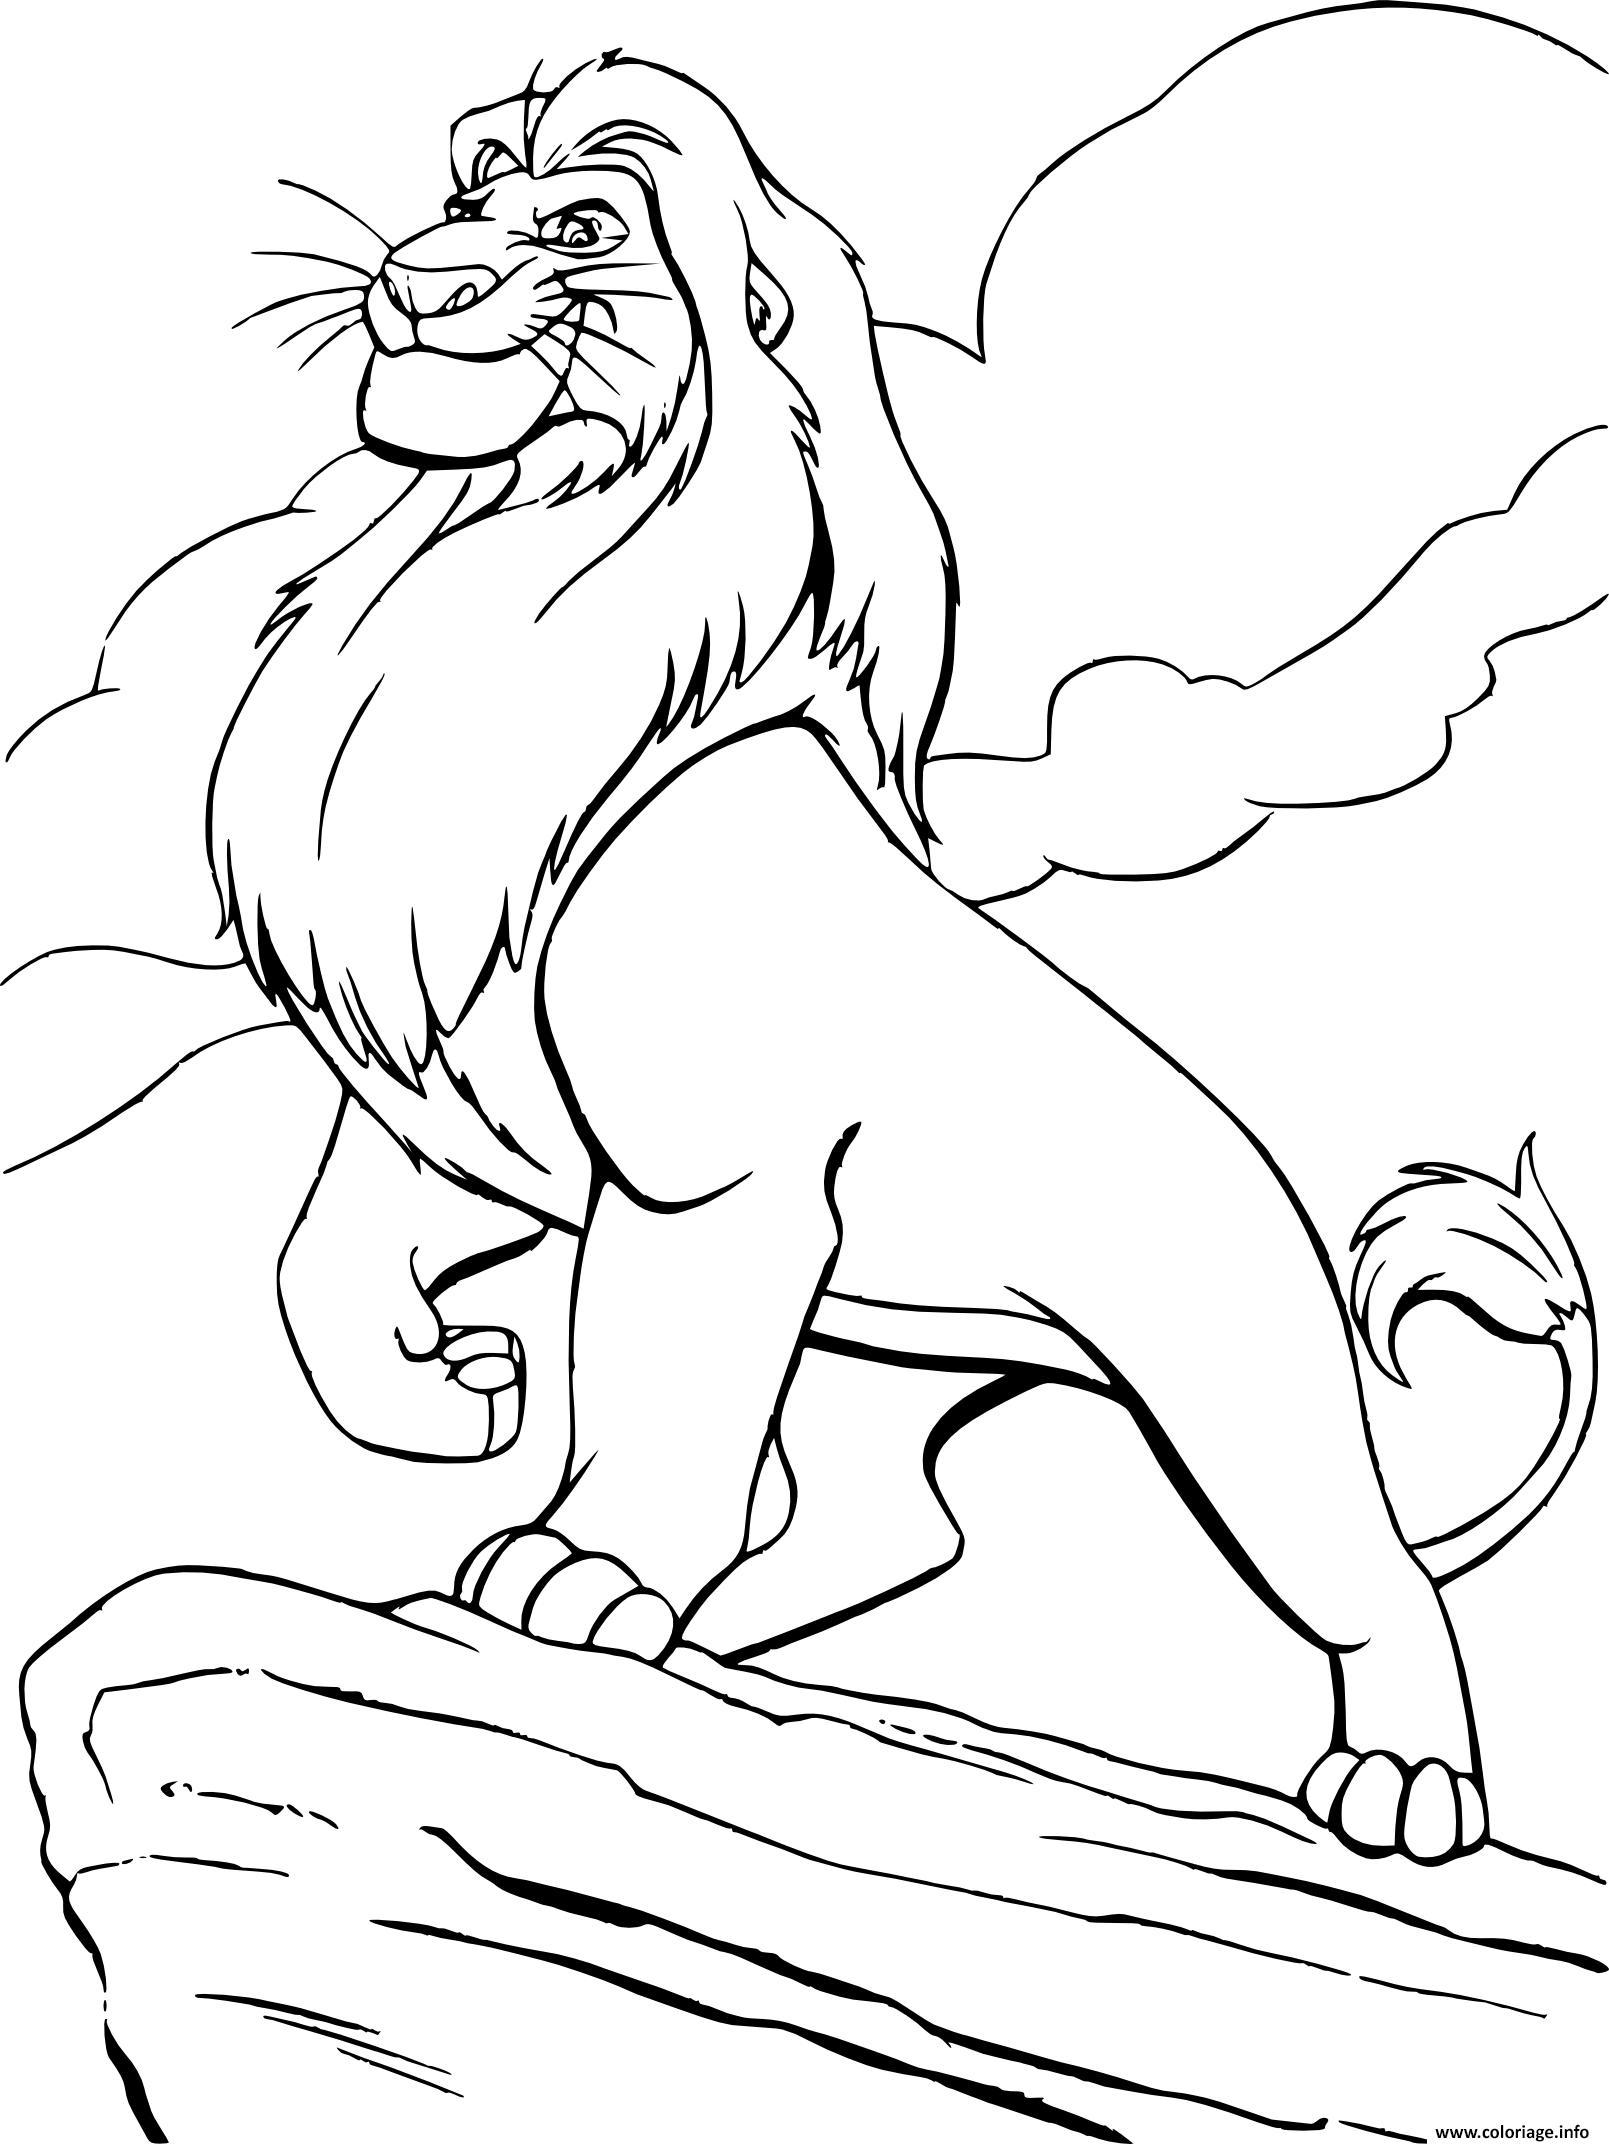 Dessin mufasa du film le roi lion Coloriage Gratuit à Imprimer